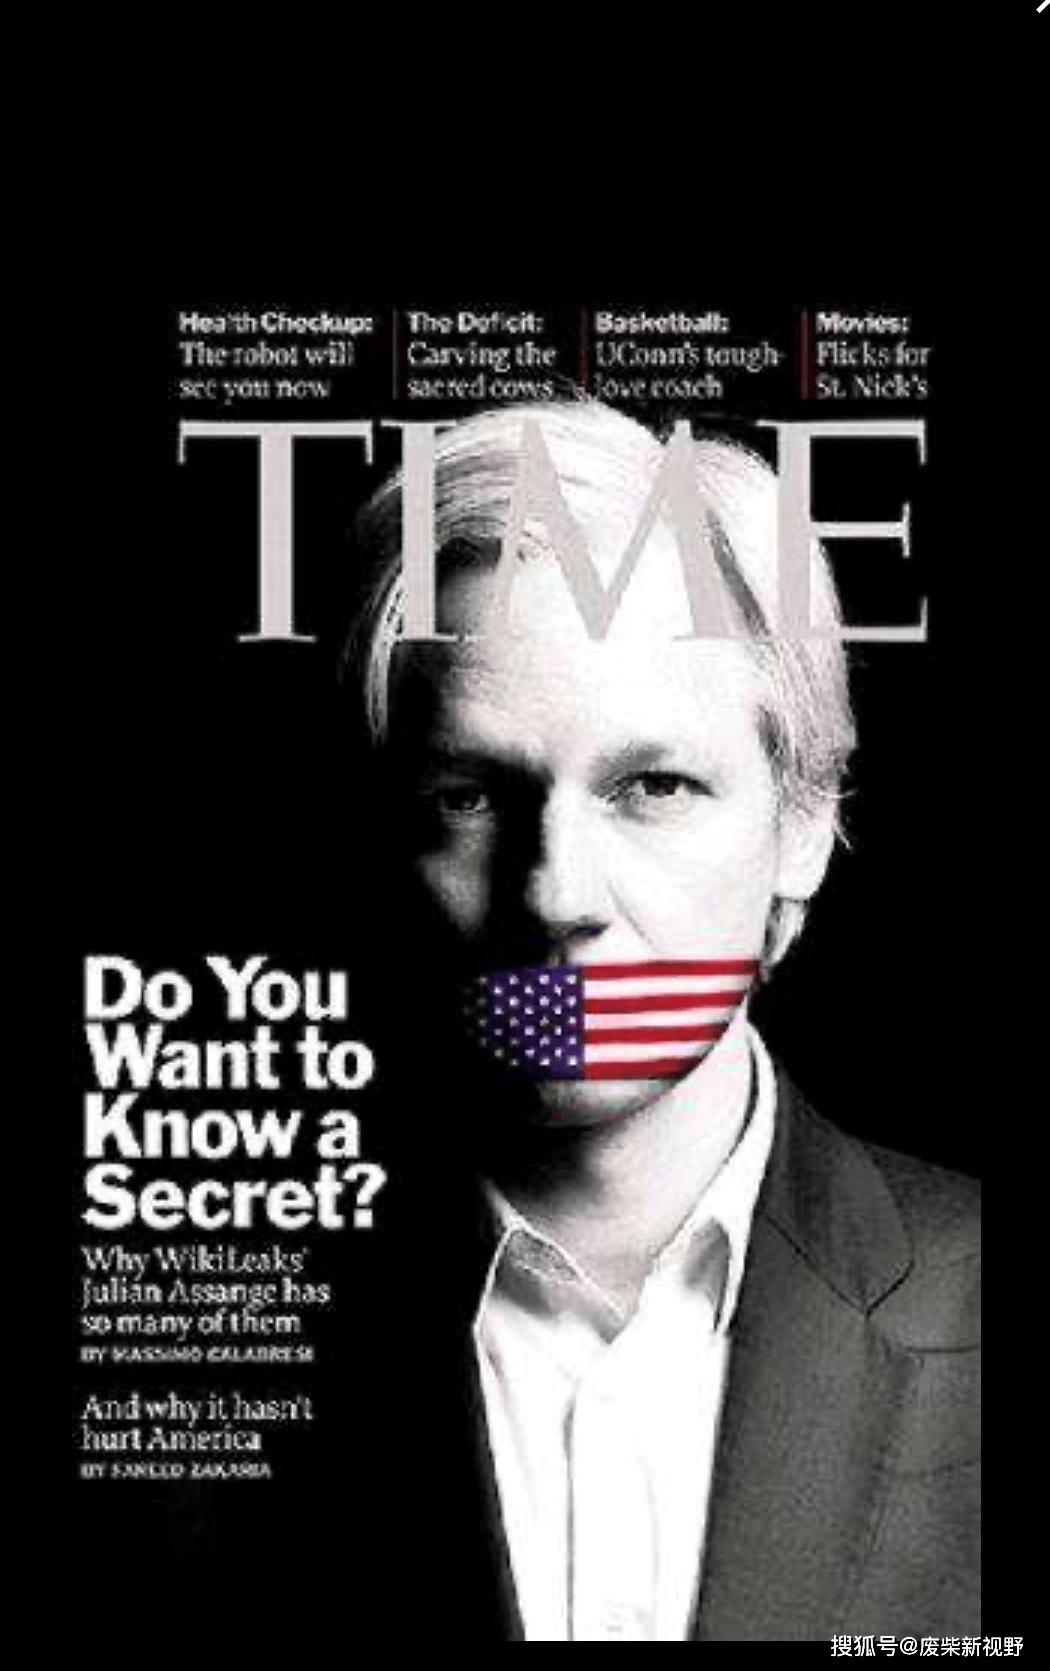 阿桑奇和斯诺登,同样都揭露了美国的丑闻,为何下场却截然不同?